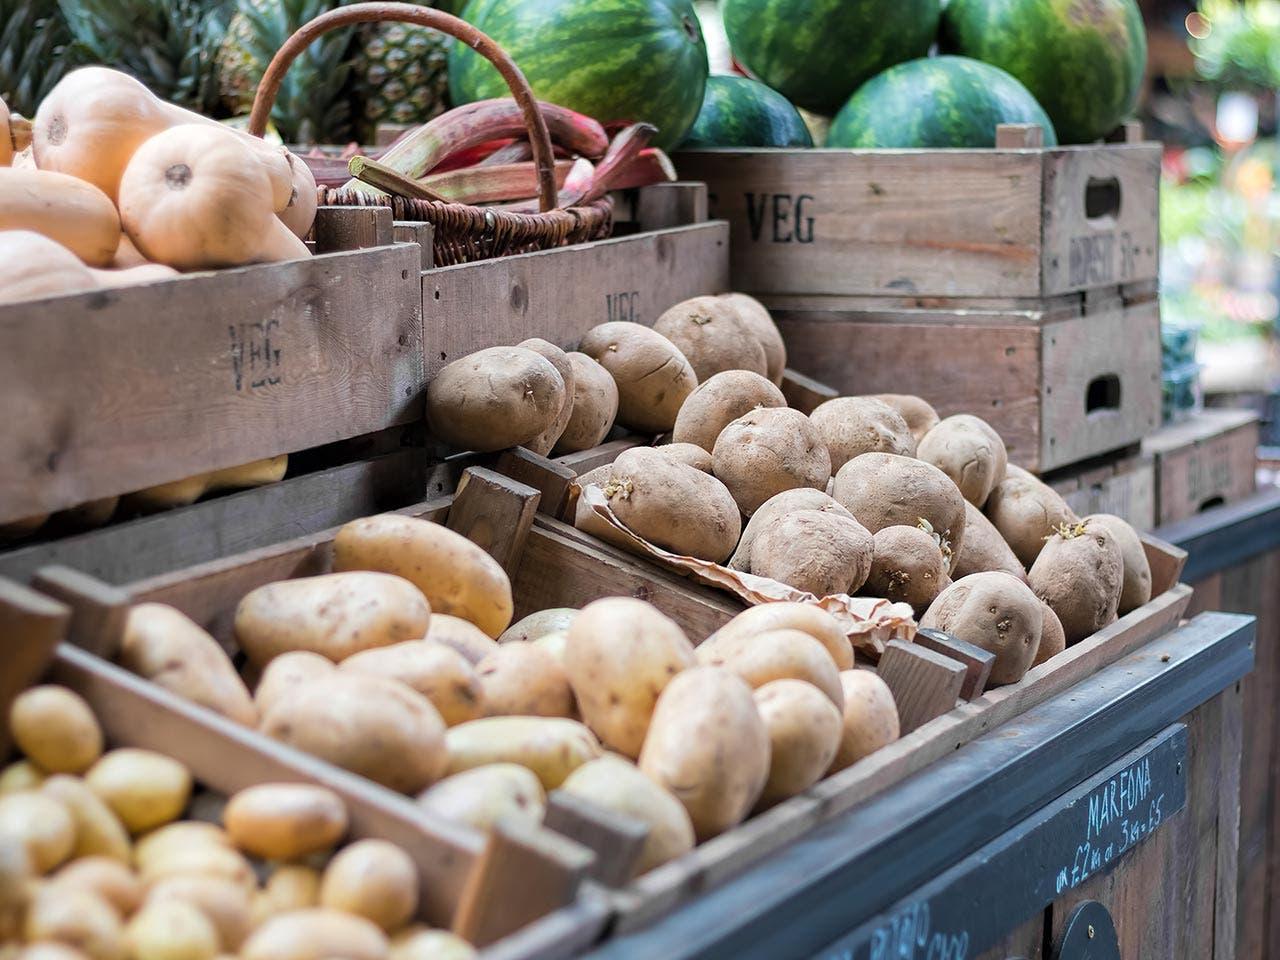 Potatoes | jgolby/Shutterstock.com